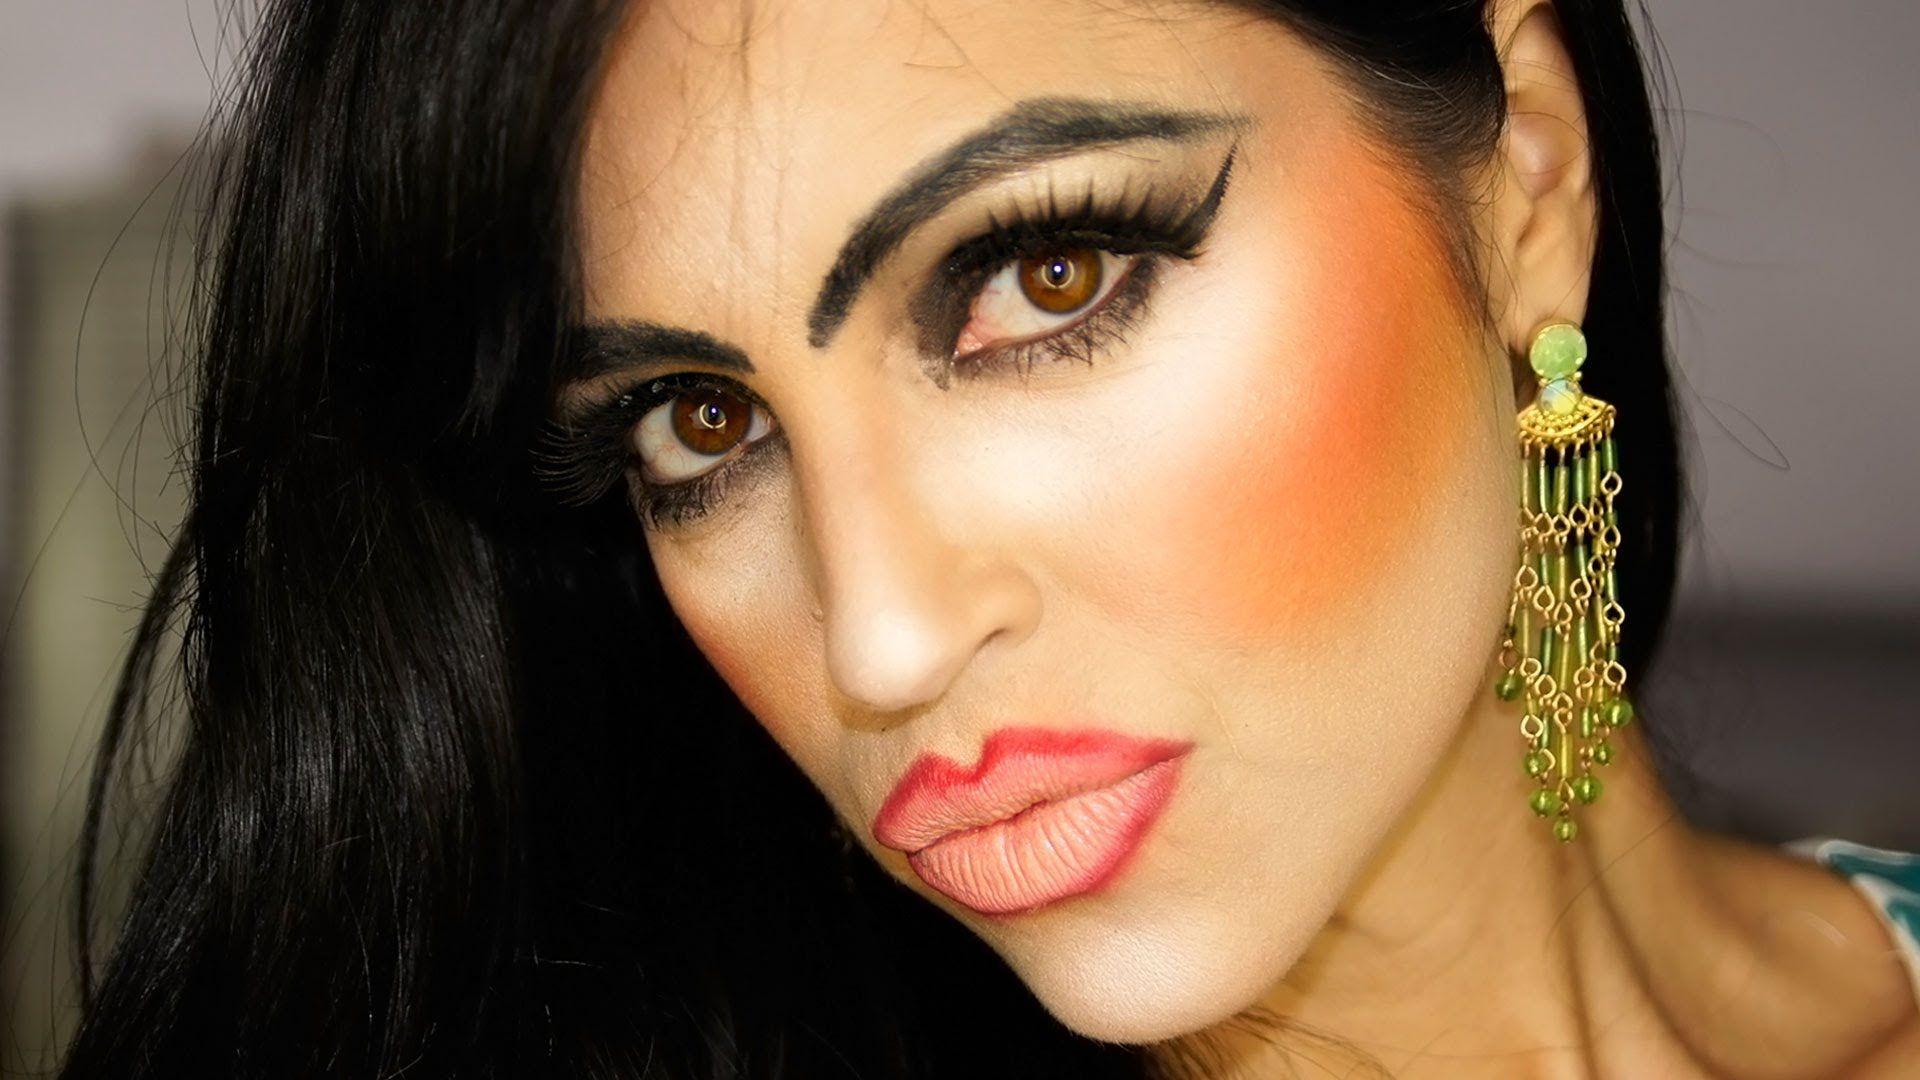 Errores del maquillaje como no maquillarse tag - Maneras de maquillarse ...